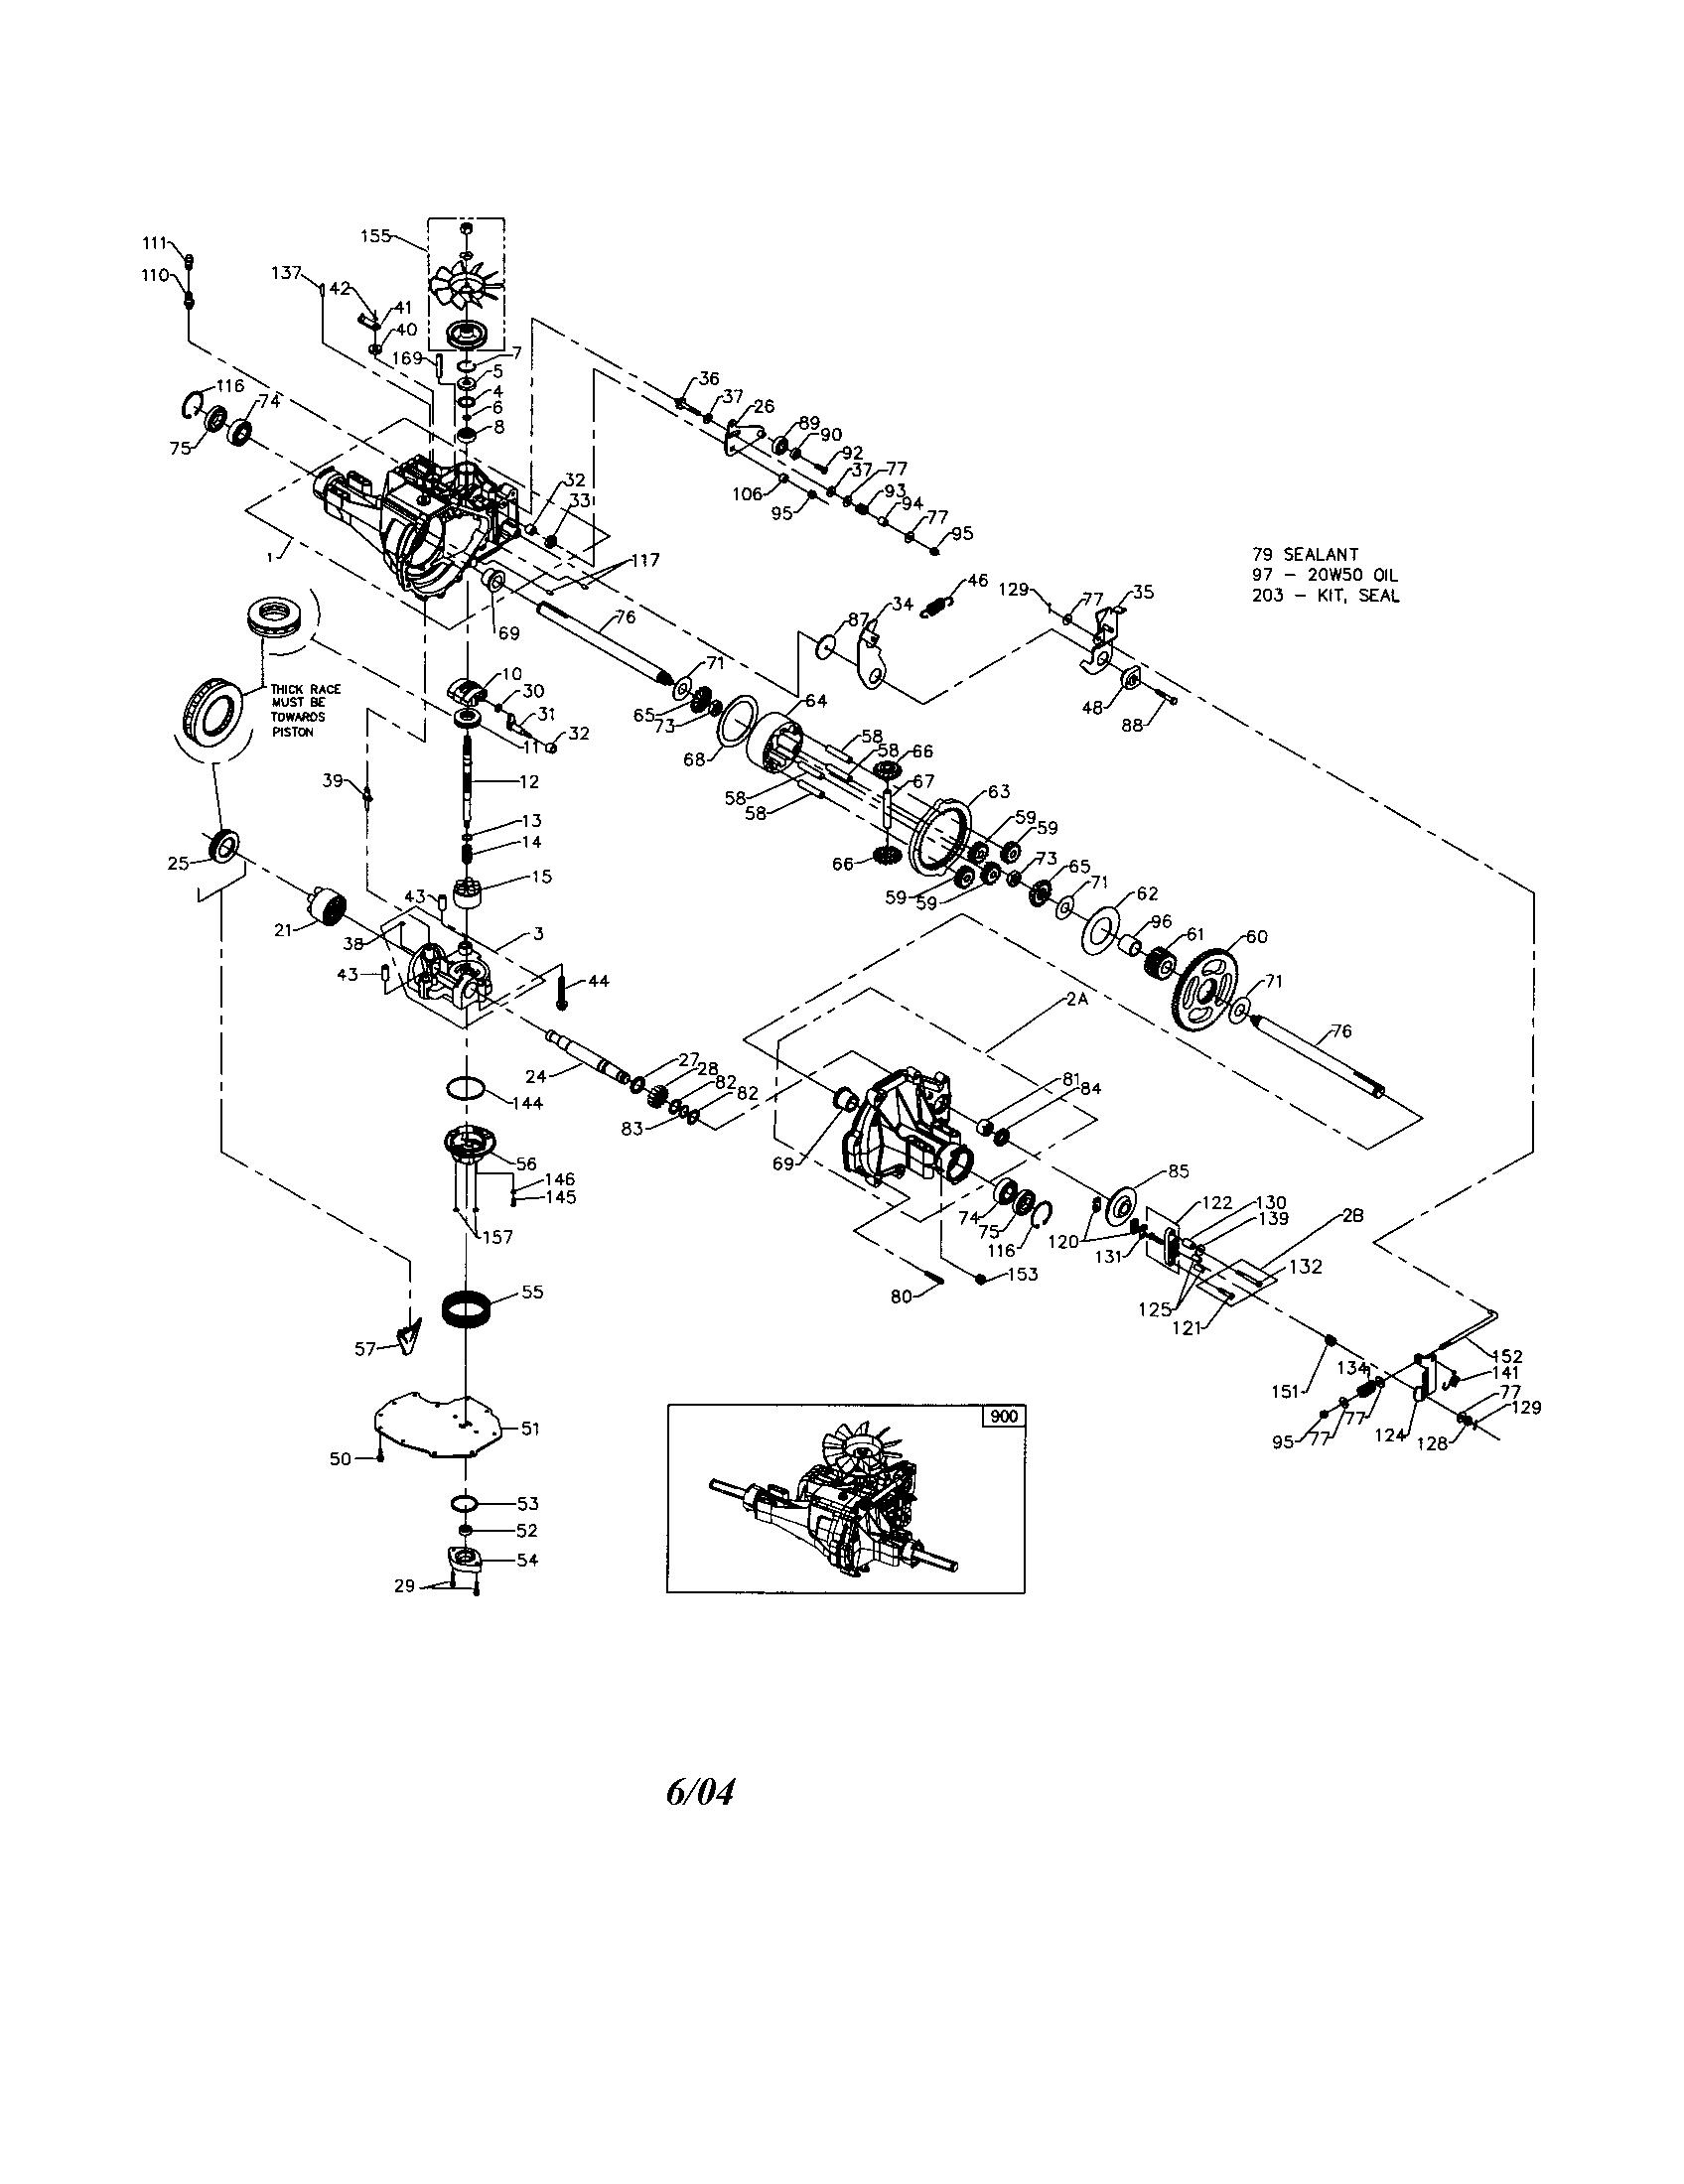 craftsman dyt 4000 wiring diagram 1987 delco radio yts parts get free